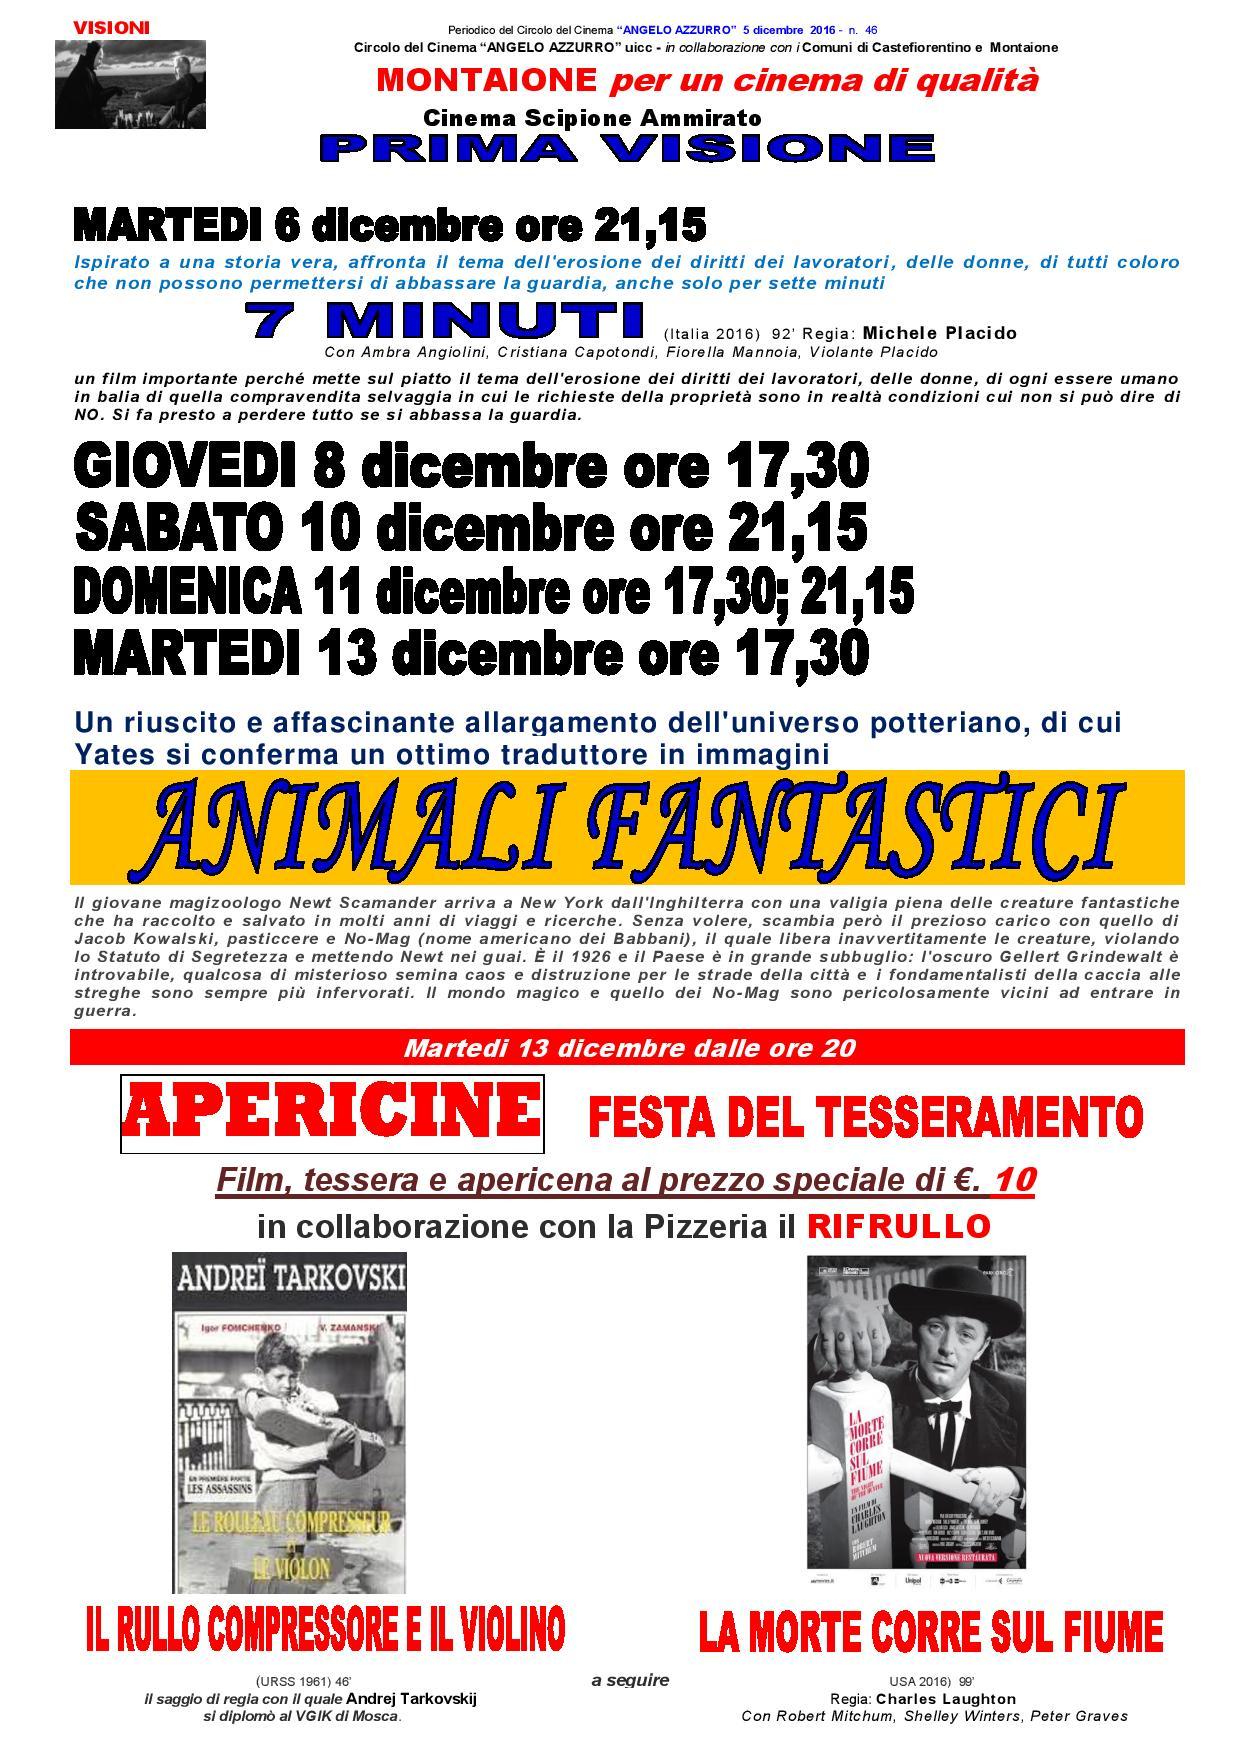 46-bollettino-5-dicembre-2016-page-001